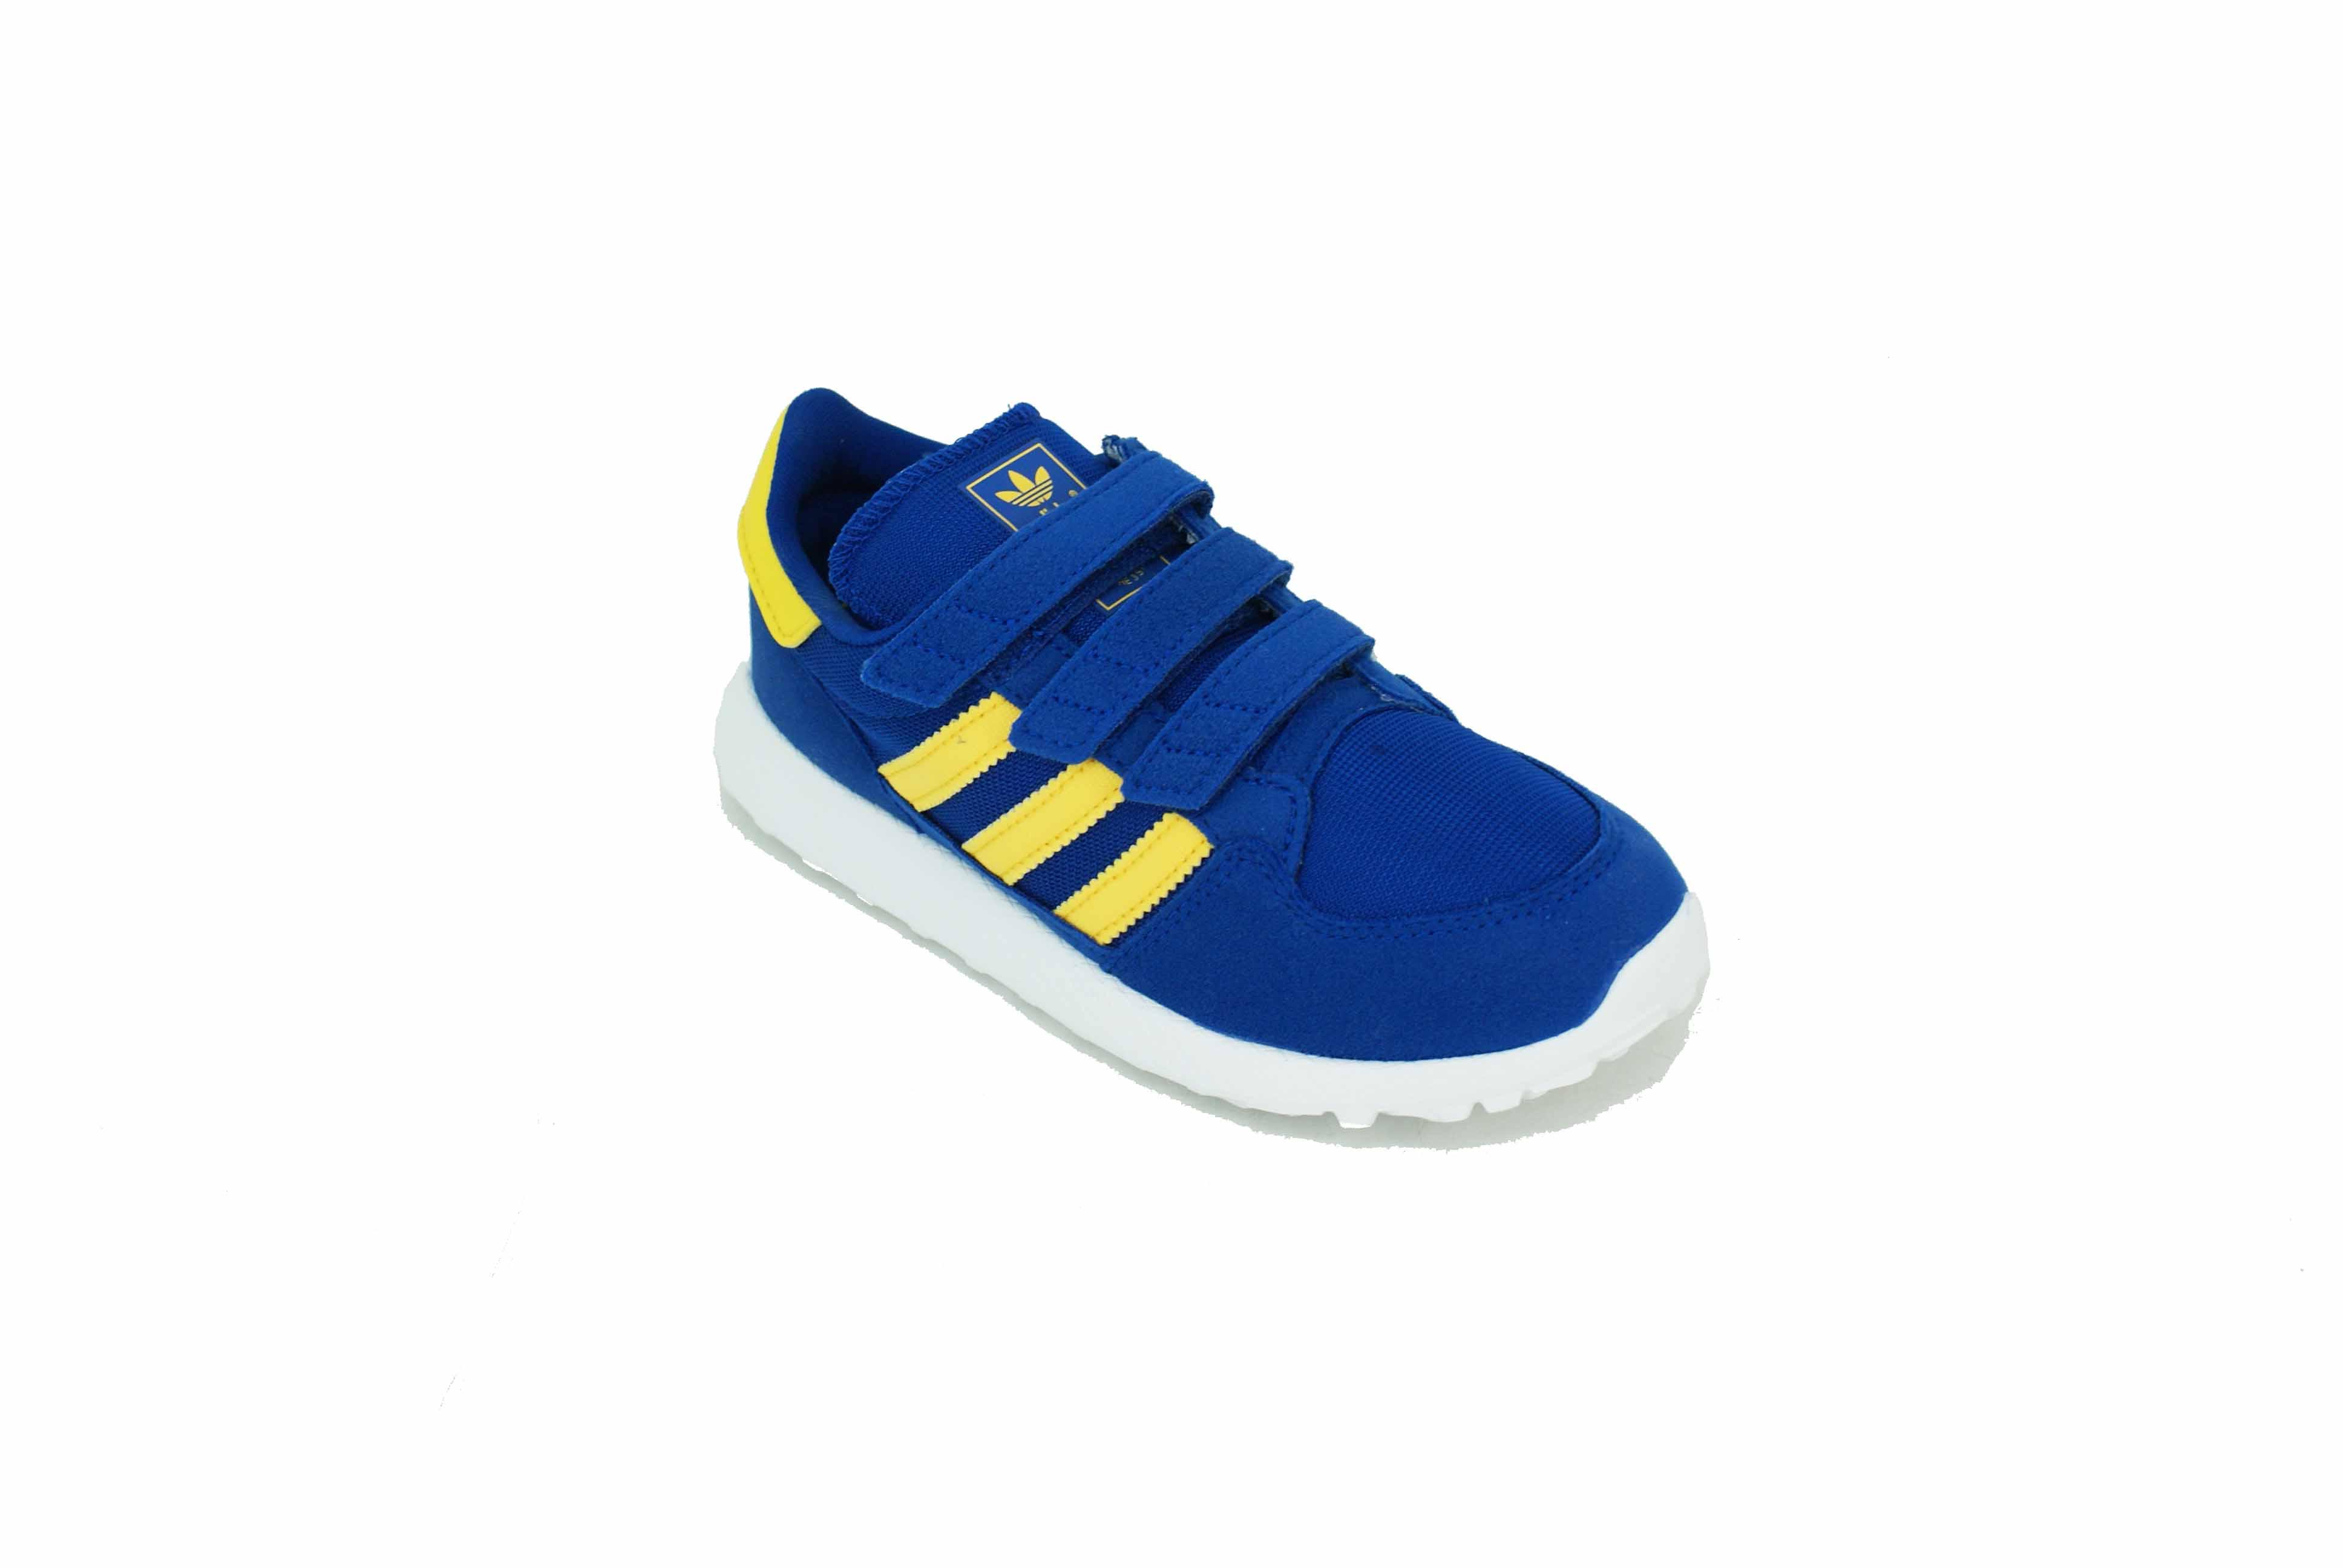 Desfavorable Partido engranaje  Zapatilla Adidas Forest Grove CF Azul/Amarillo Niño Deporfan - Zapatillas -  Ninos - E-Shop